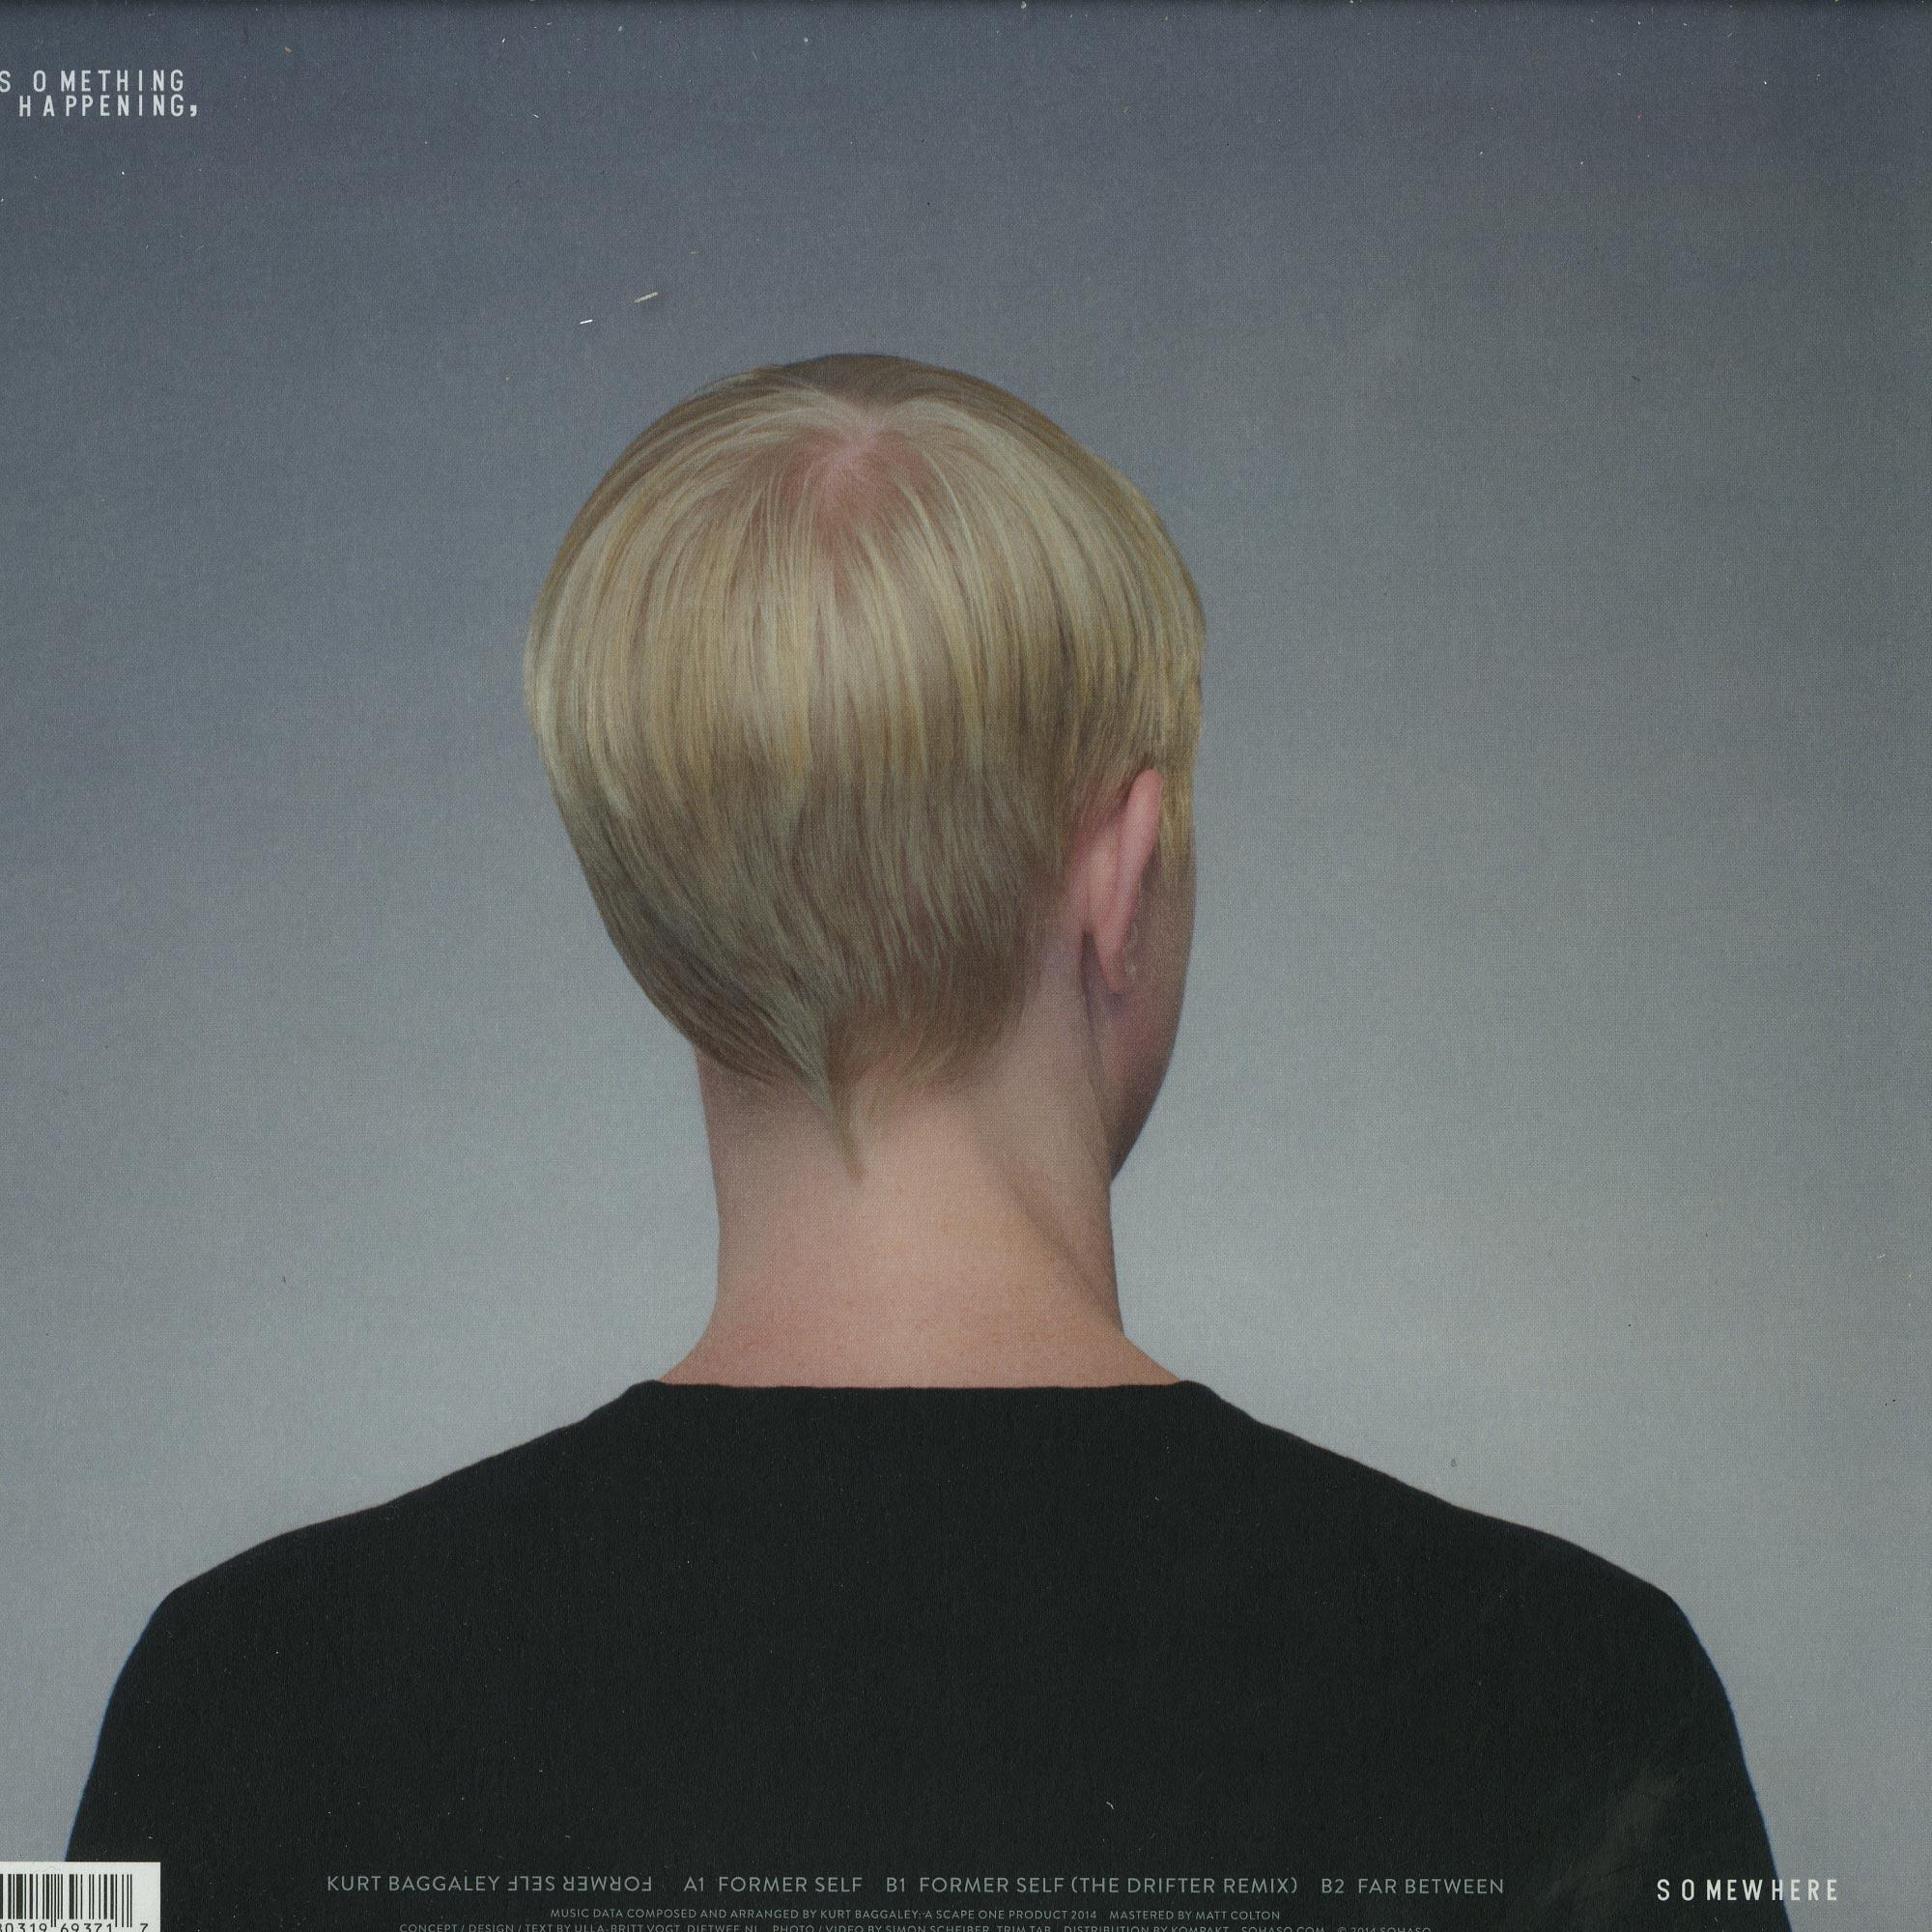 Kurt Baggaley - FORMER SELF EP